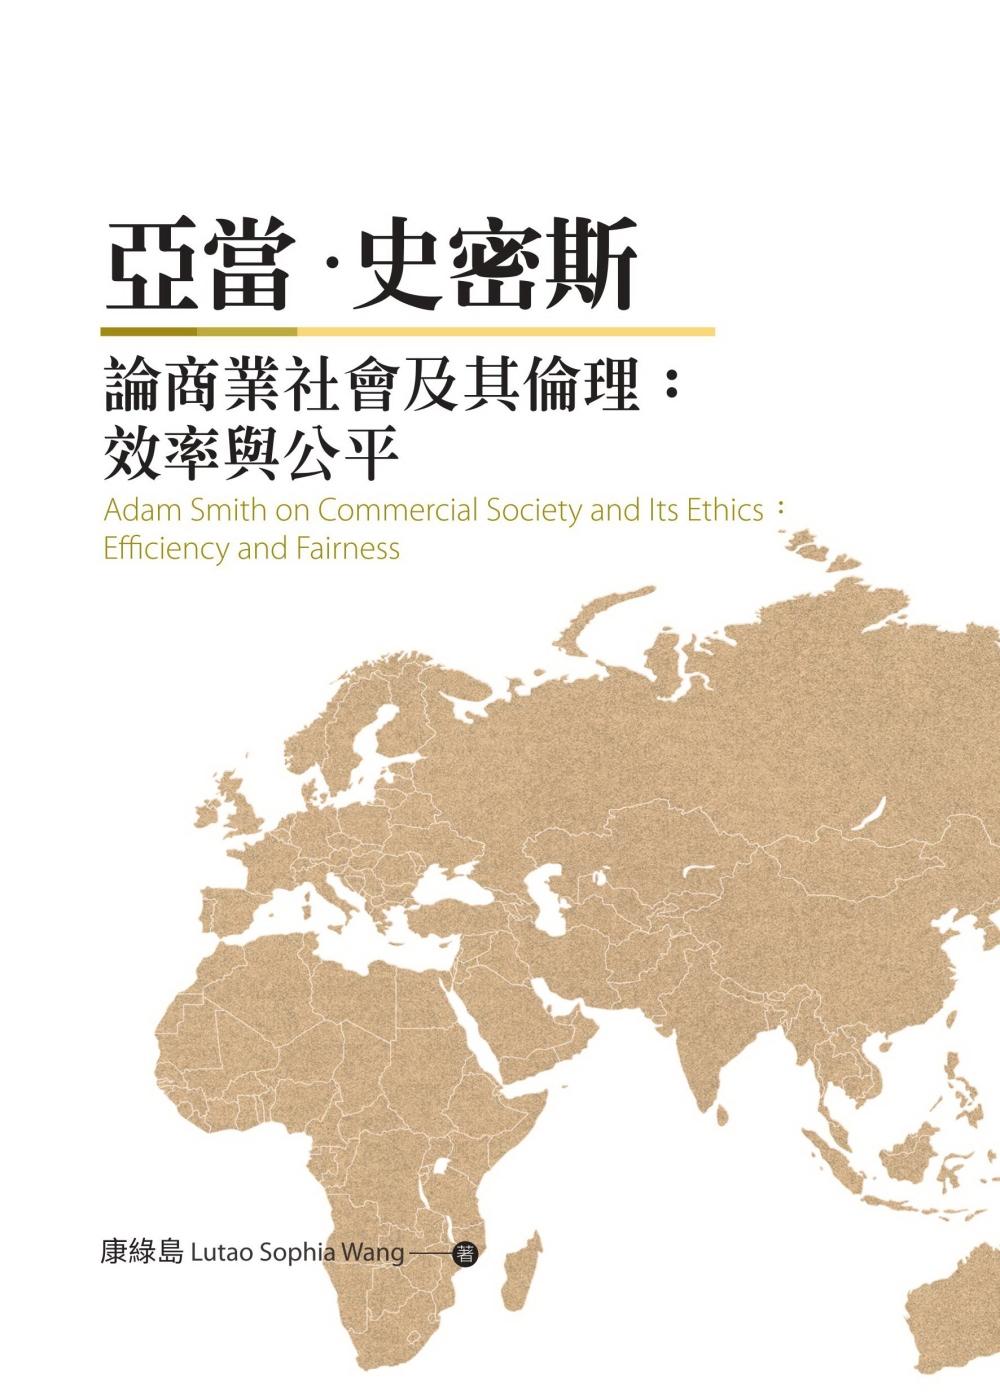 亞當・史密斯論商業社會及其倫理